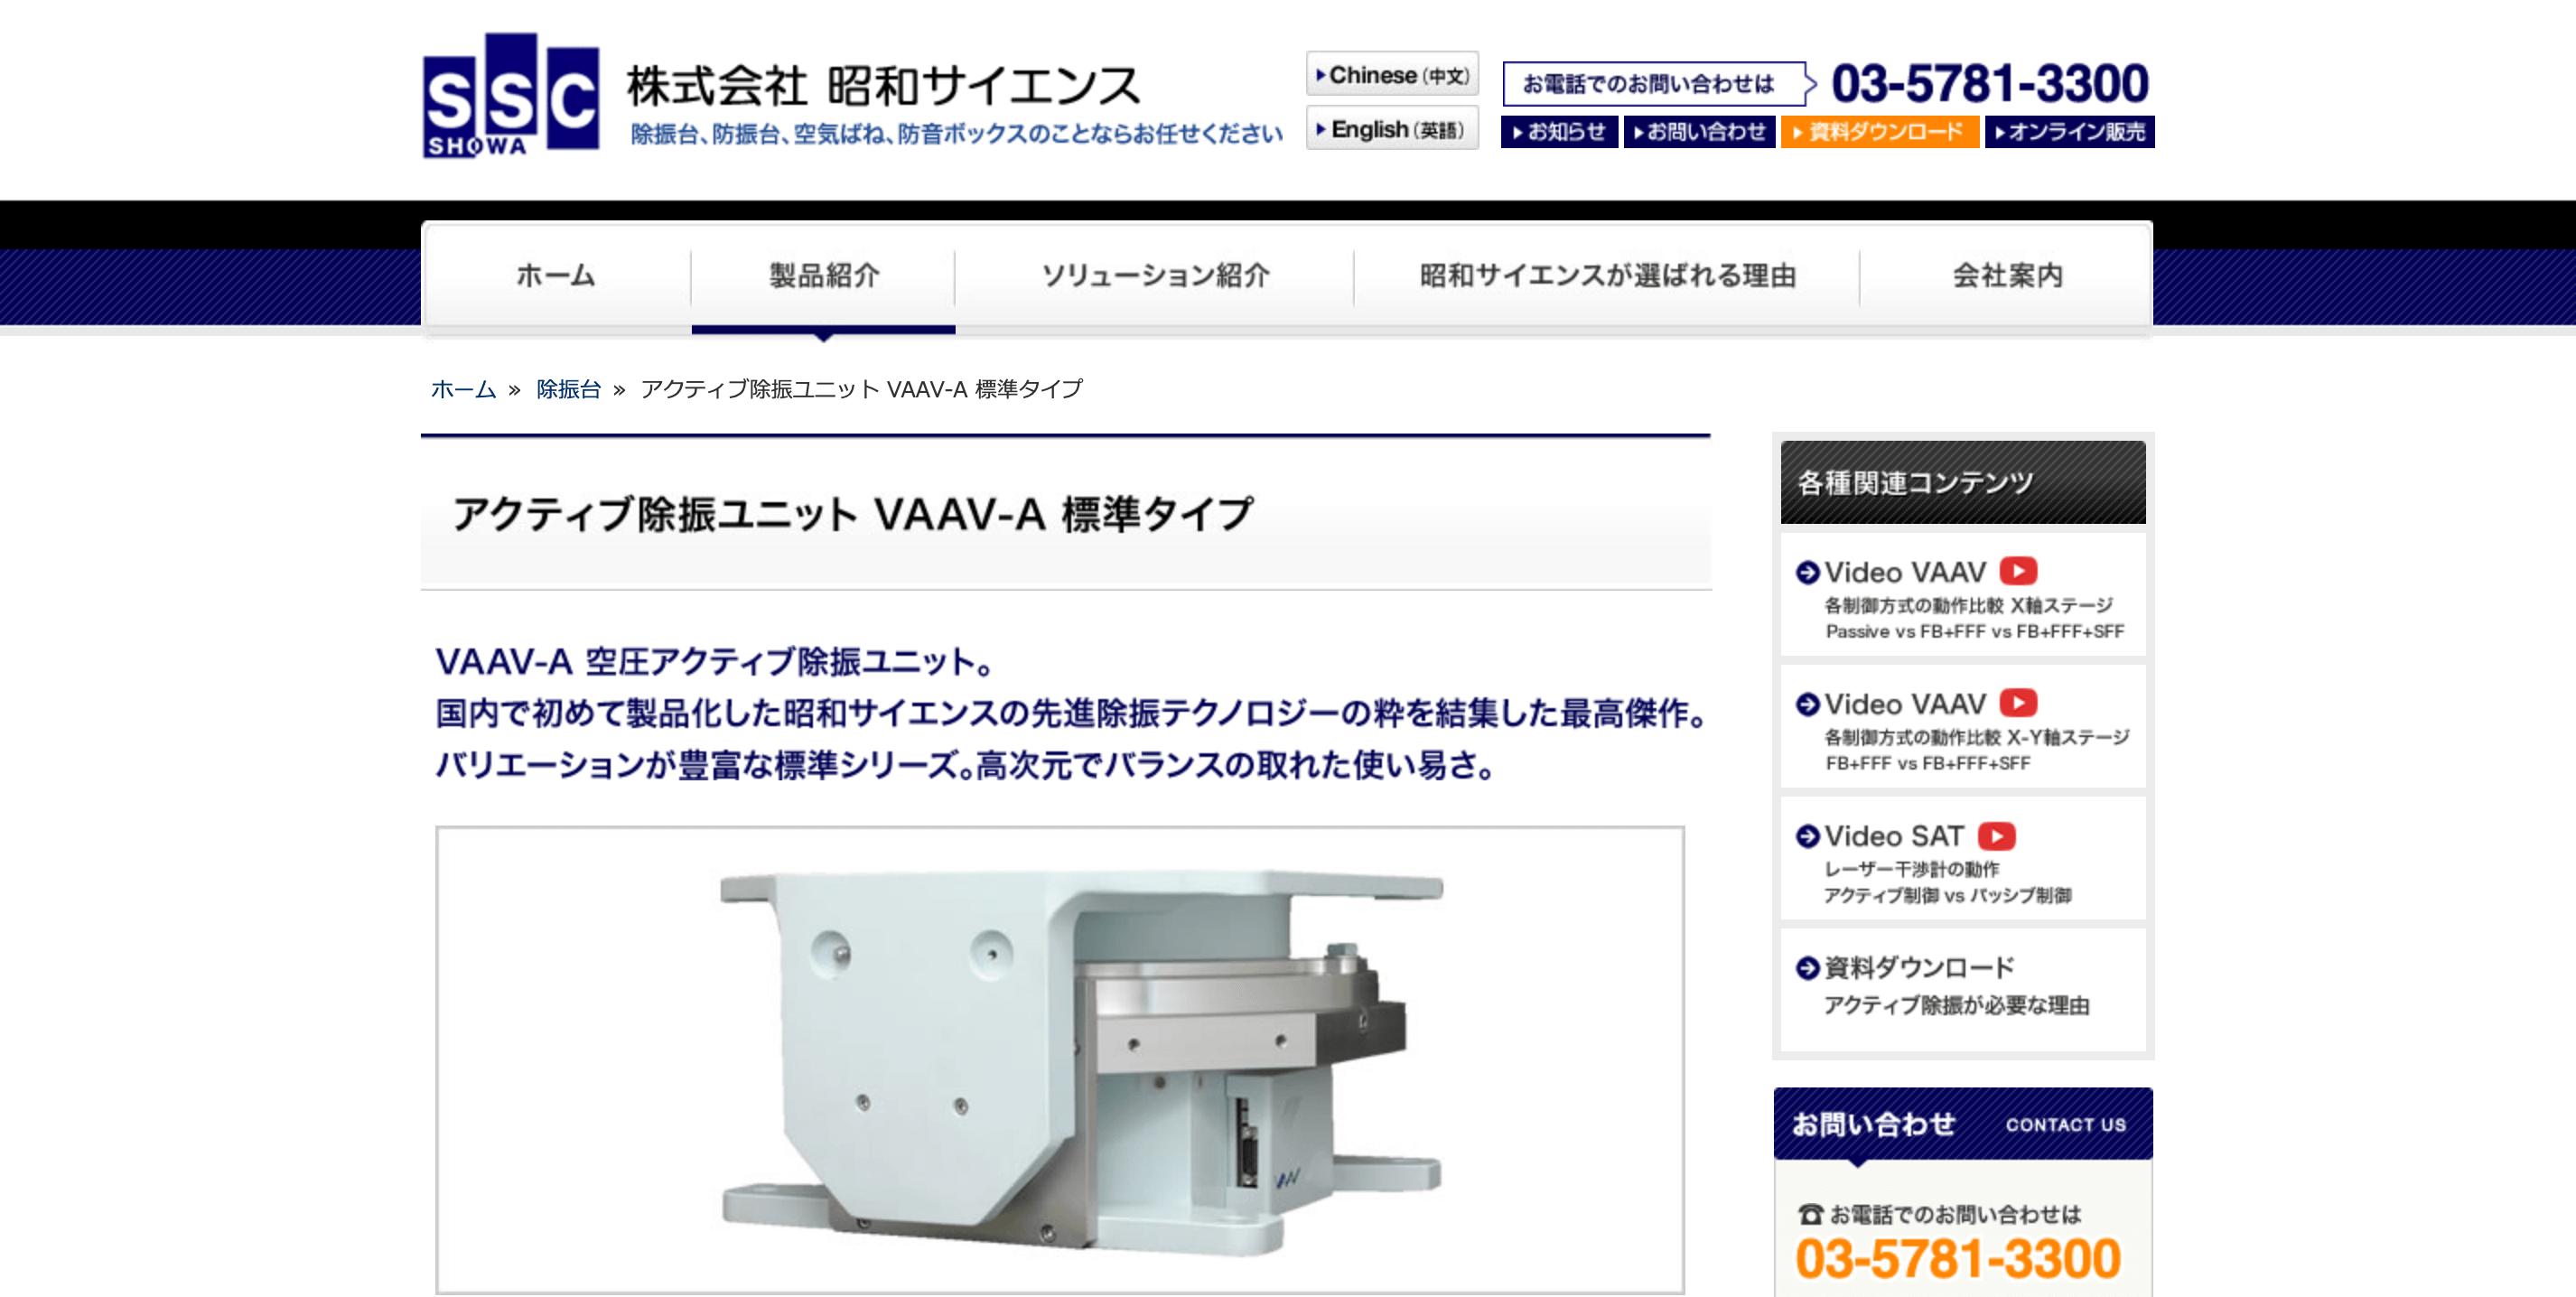 VAAV-A 標準